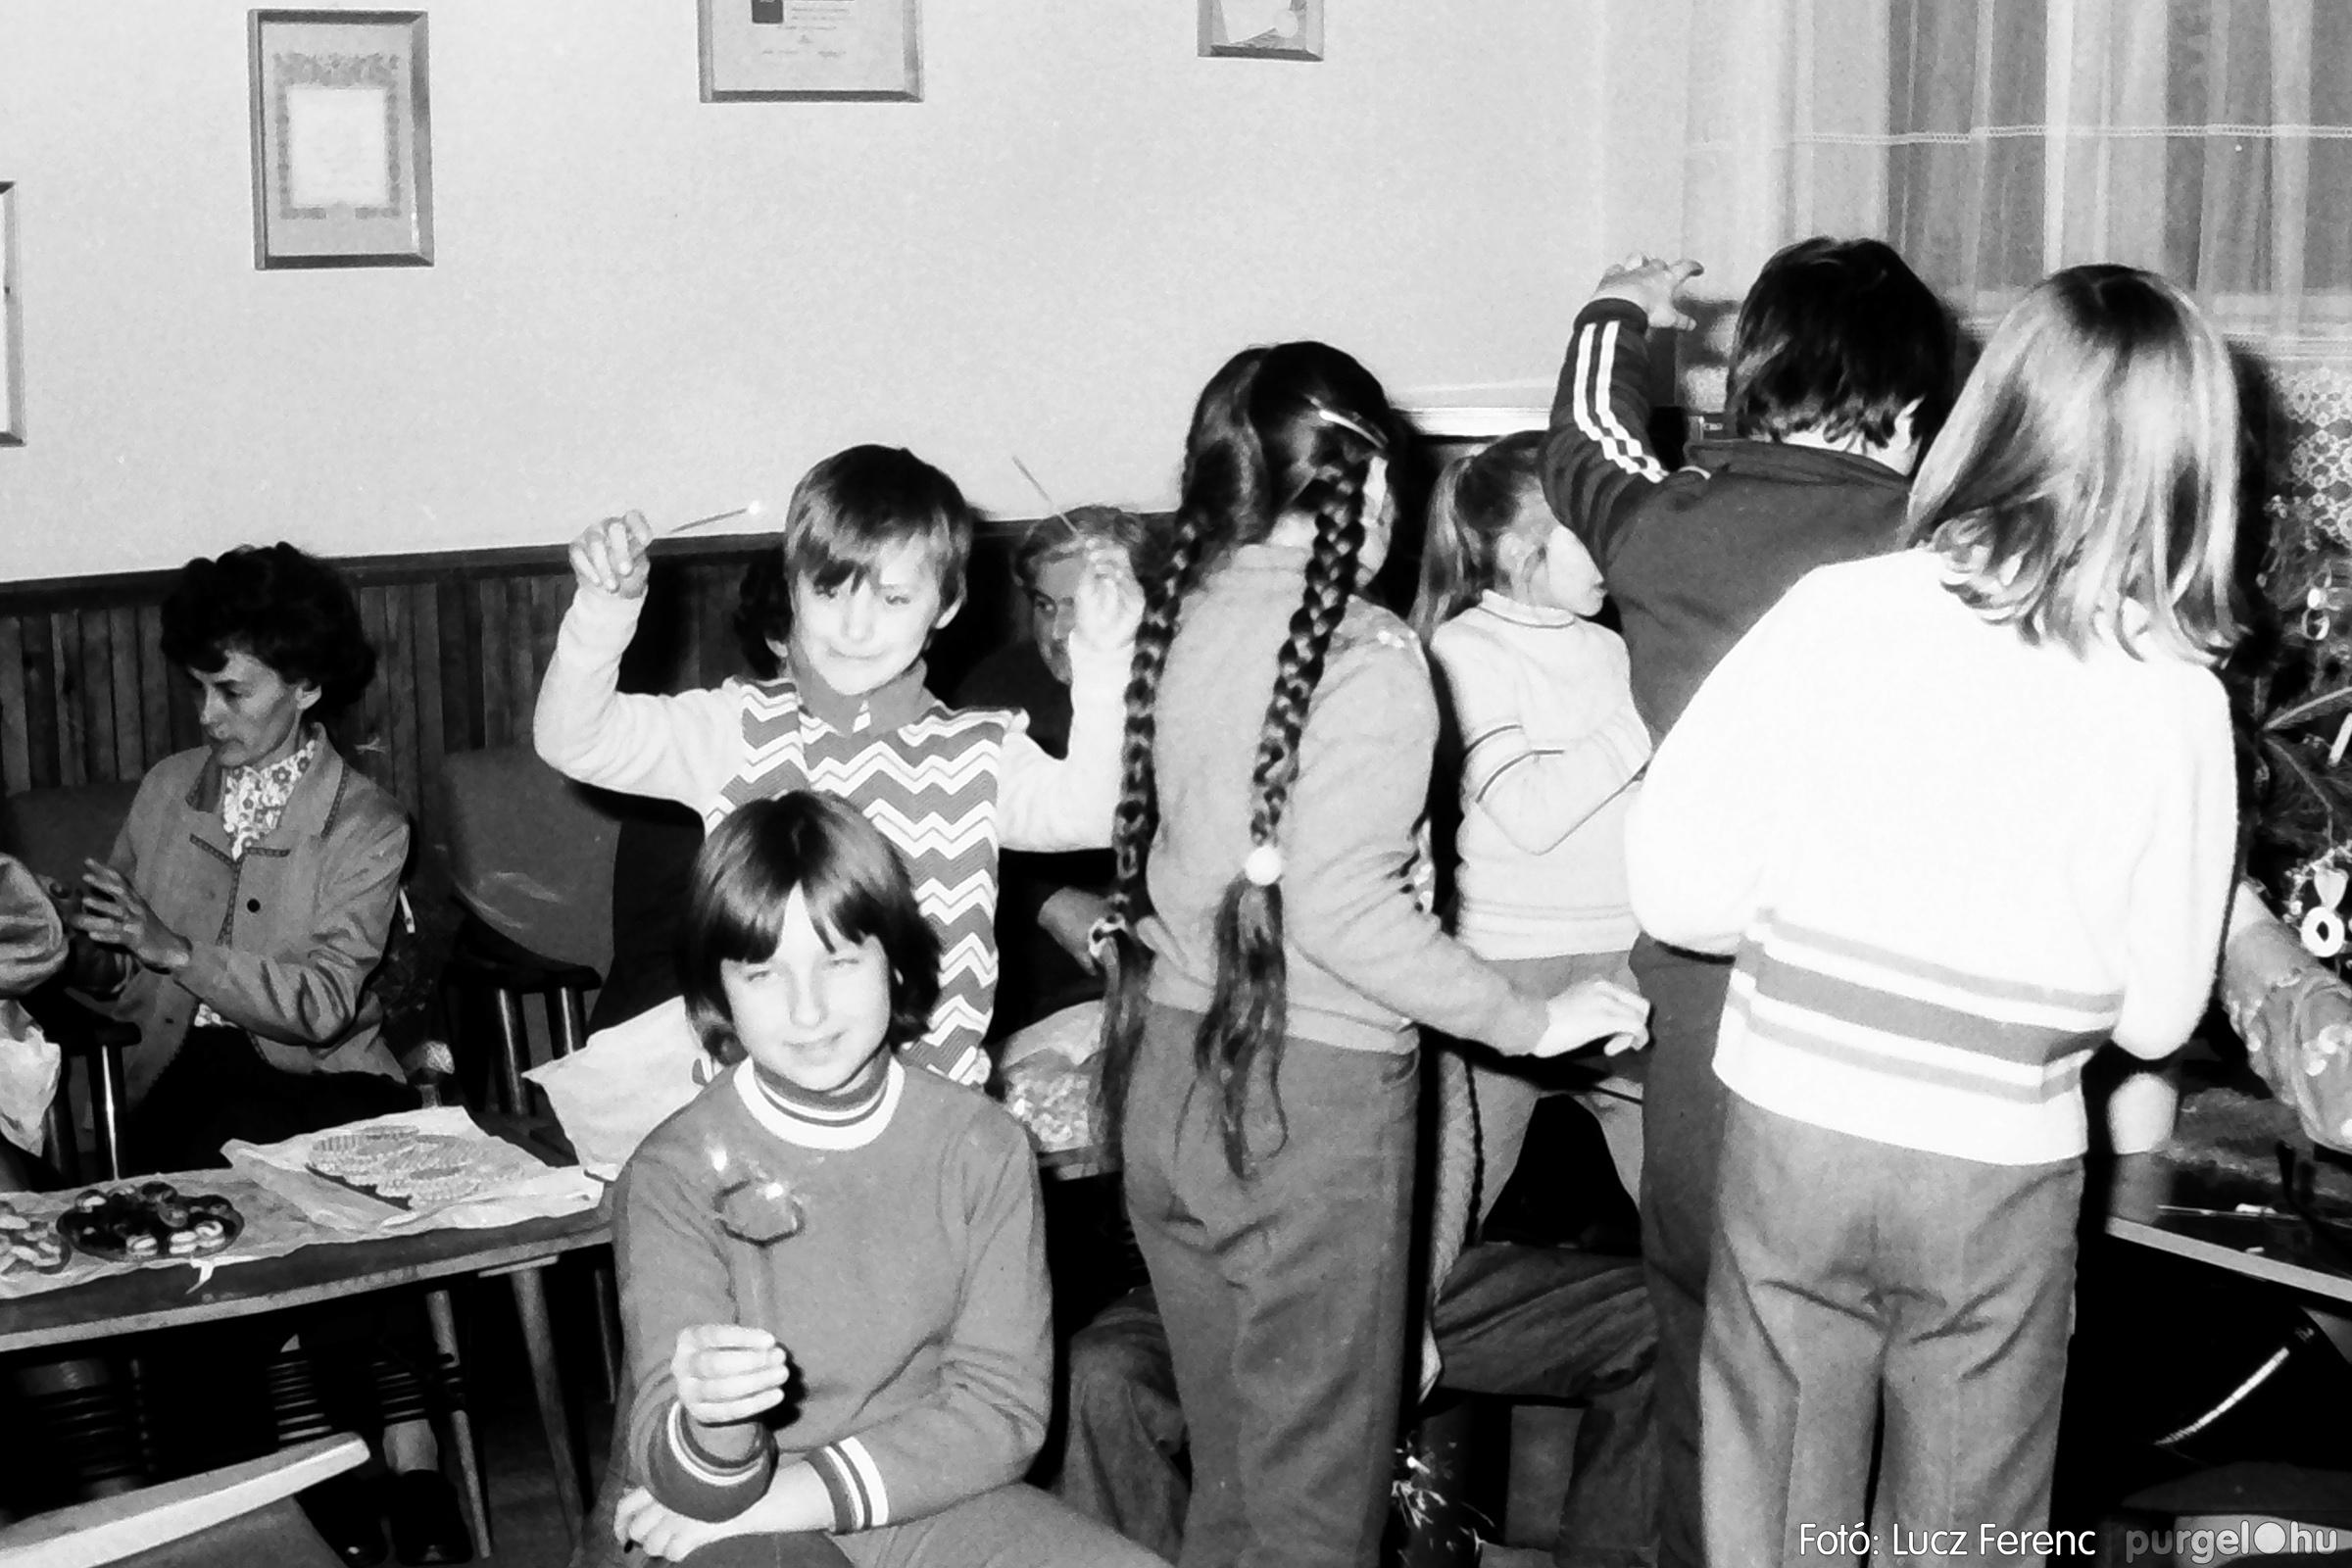 096. 1977. Karácsonyi összejövetel a kultúrházban 006. - Fotó: Lucz Ferenc.jpg